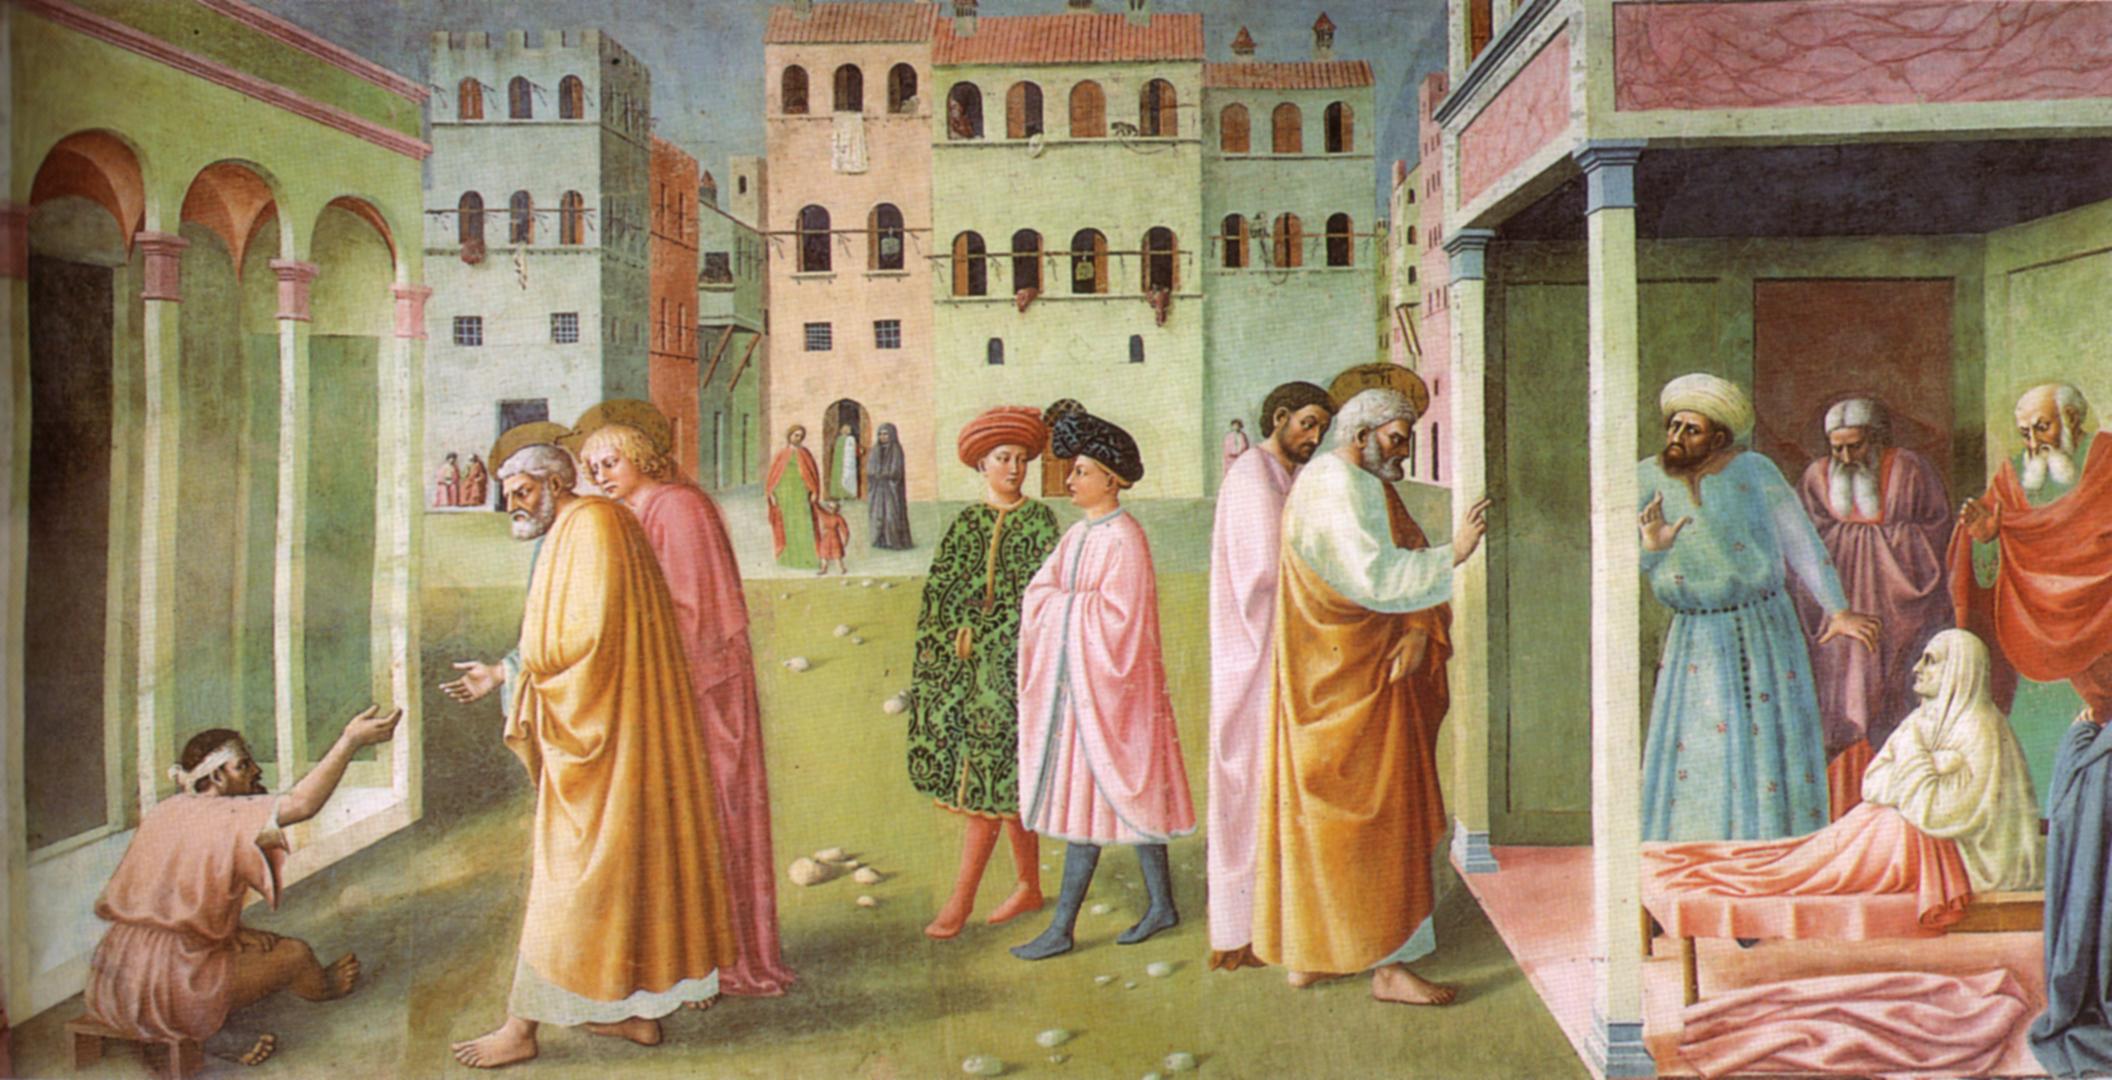 Arte sacra Cappella_brancacci%2C_Guarigione_dello_storpio_e_resurrezione_di_Tabita_%28restaurato%29%2C_Masolino